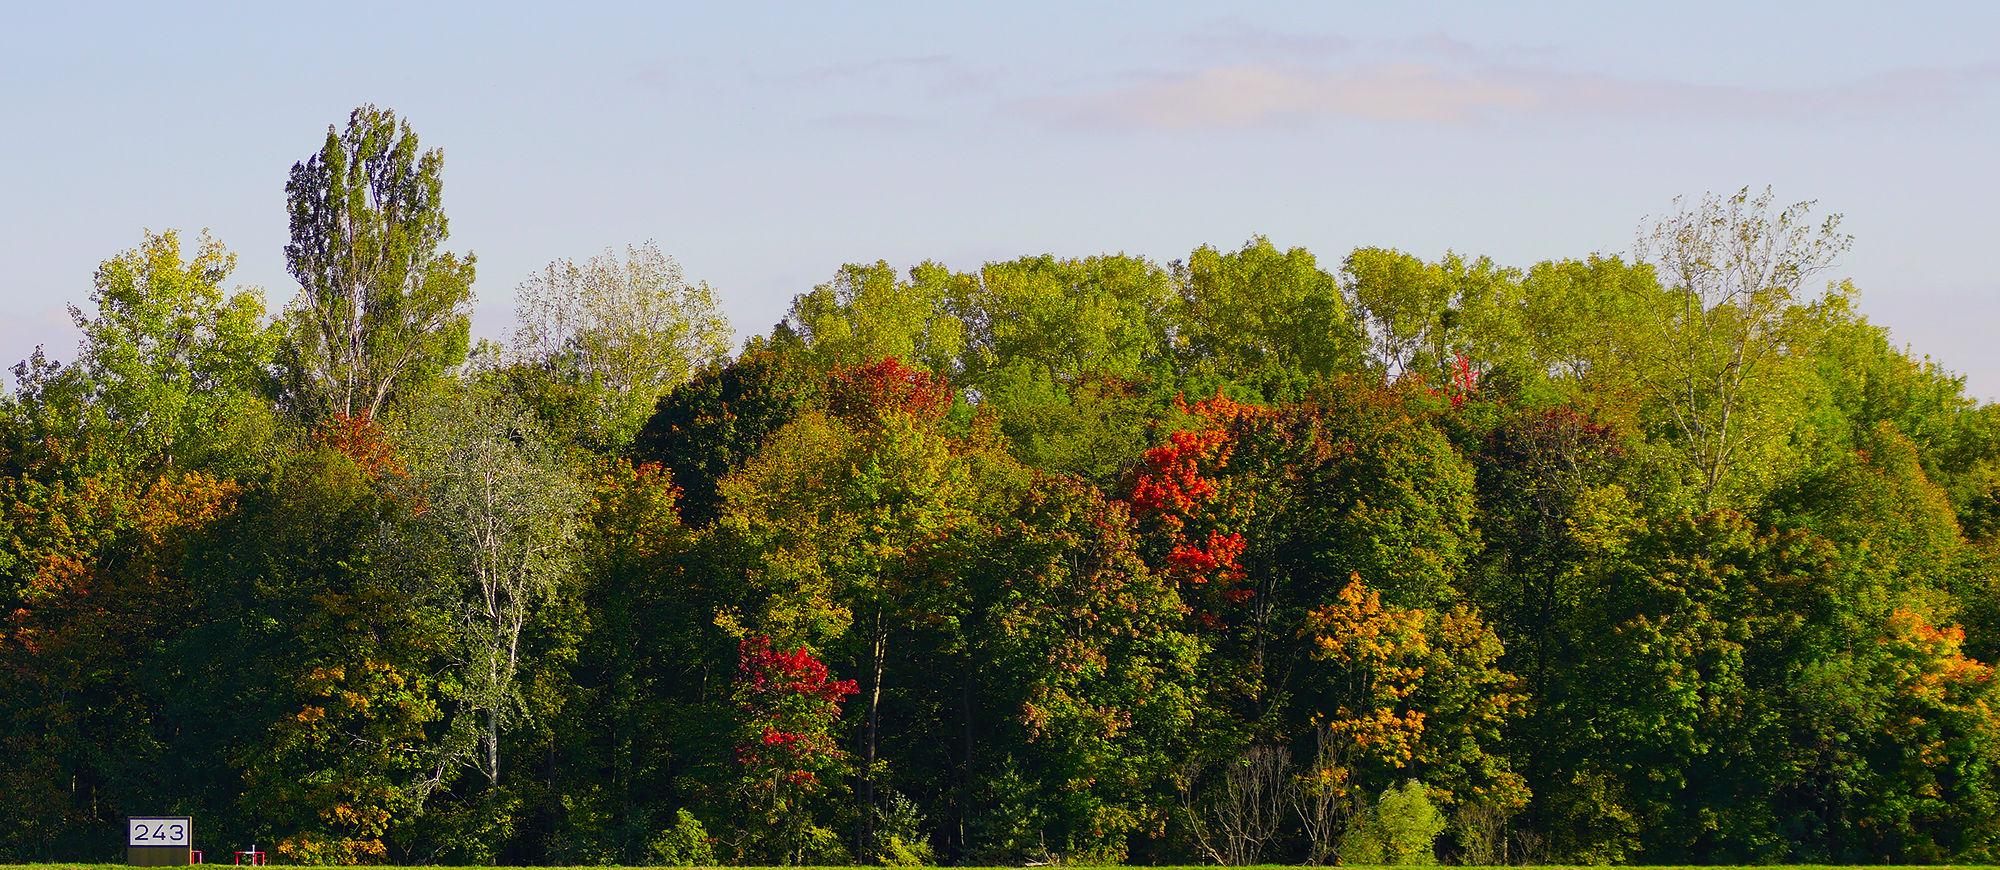 * Herbst am Rhein, km 243 *